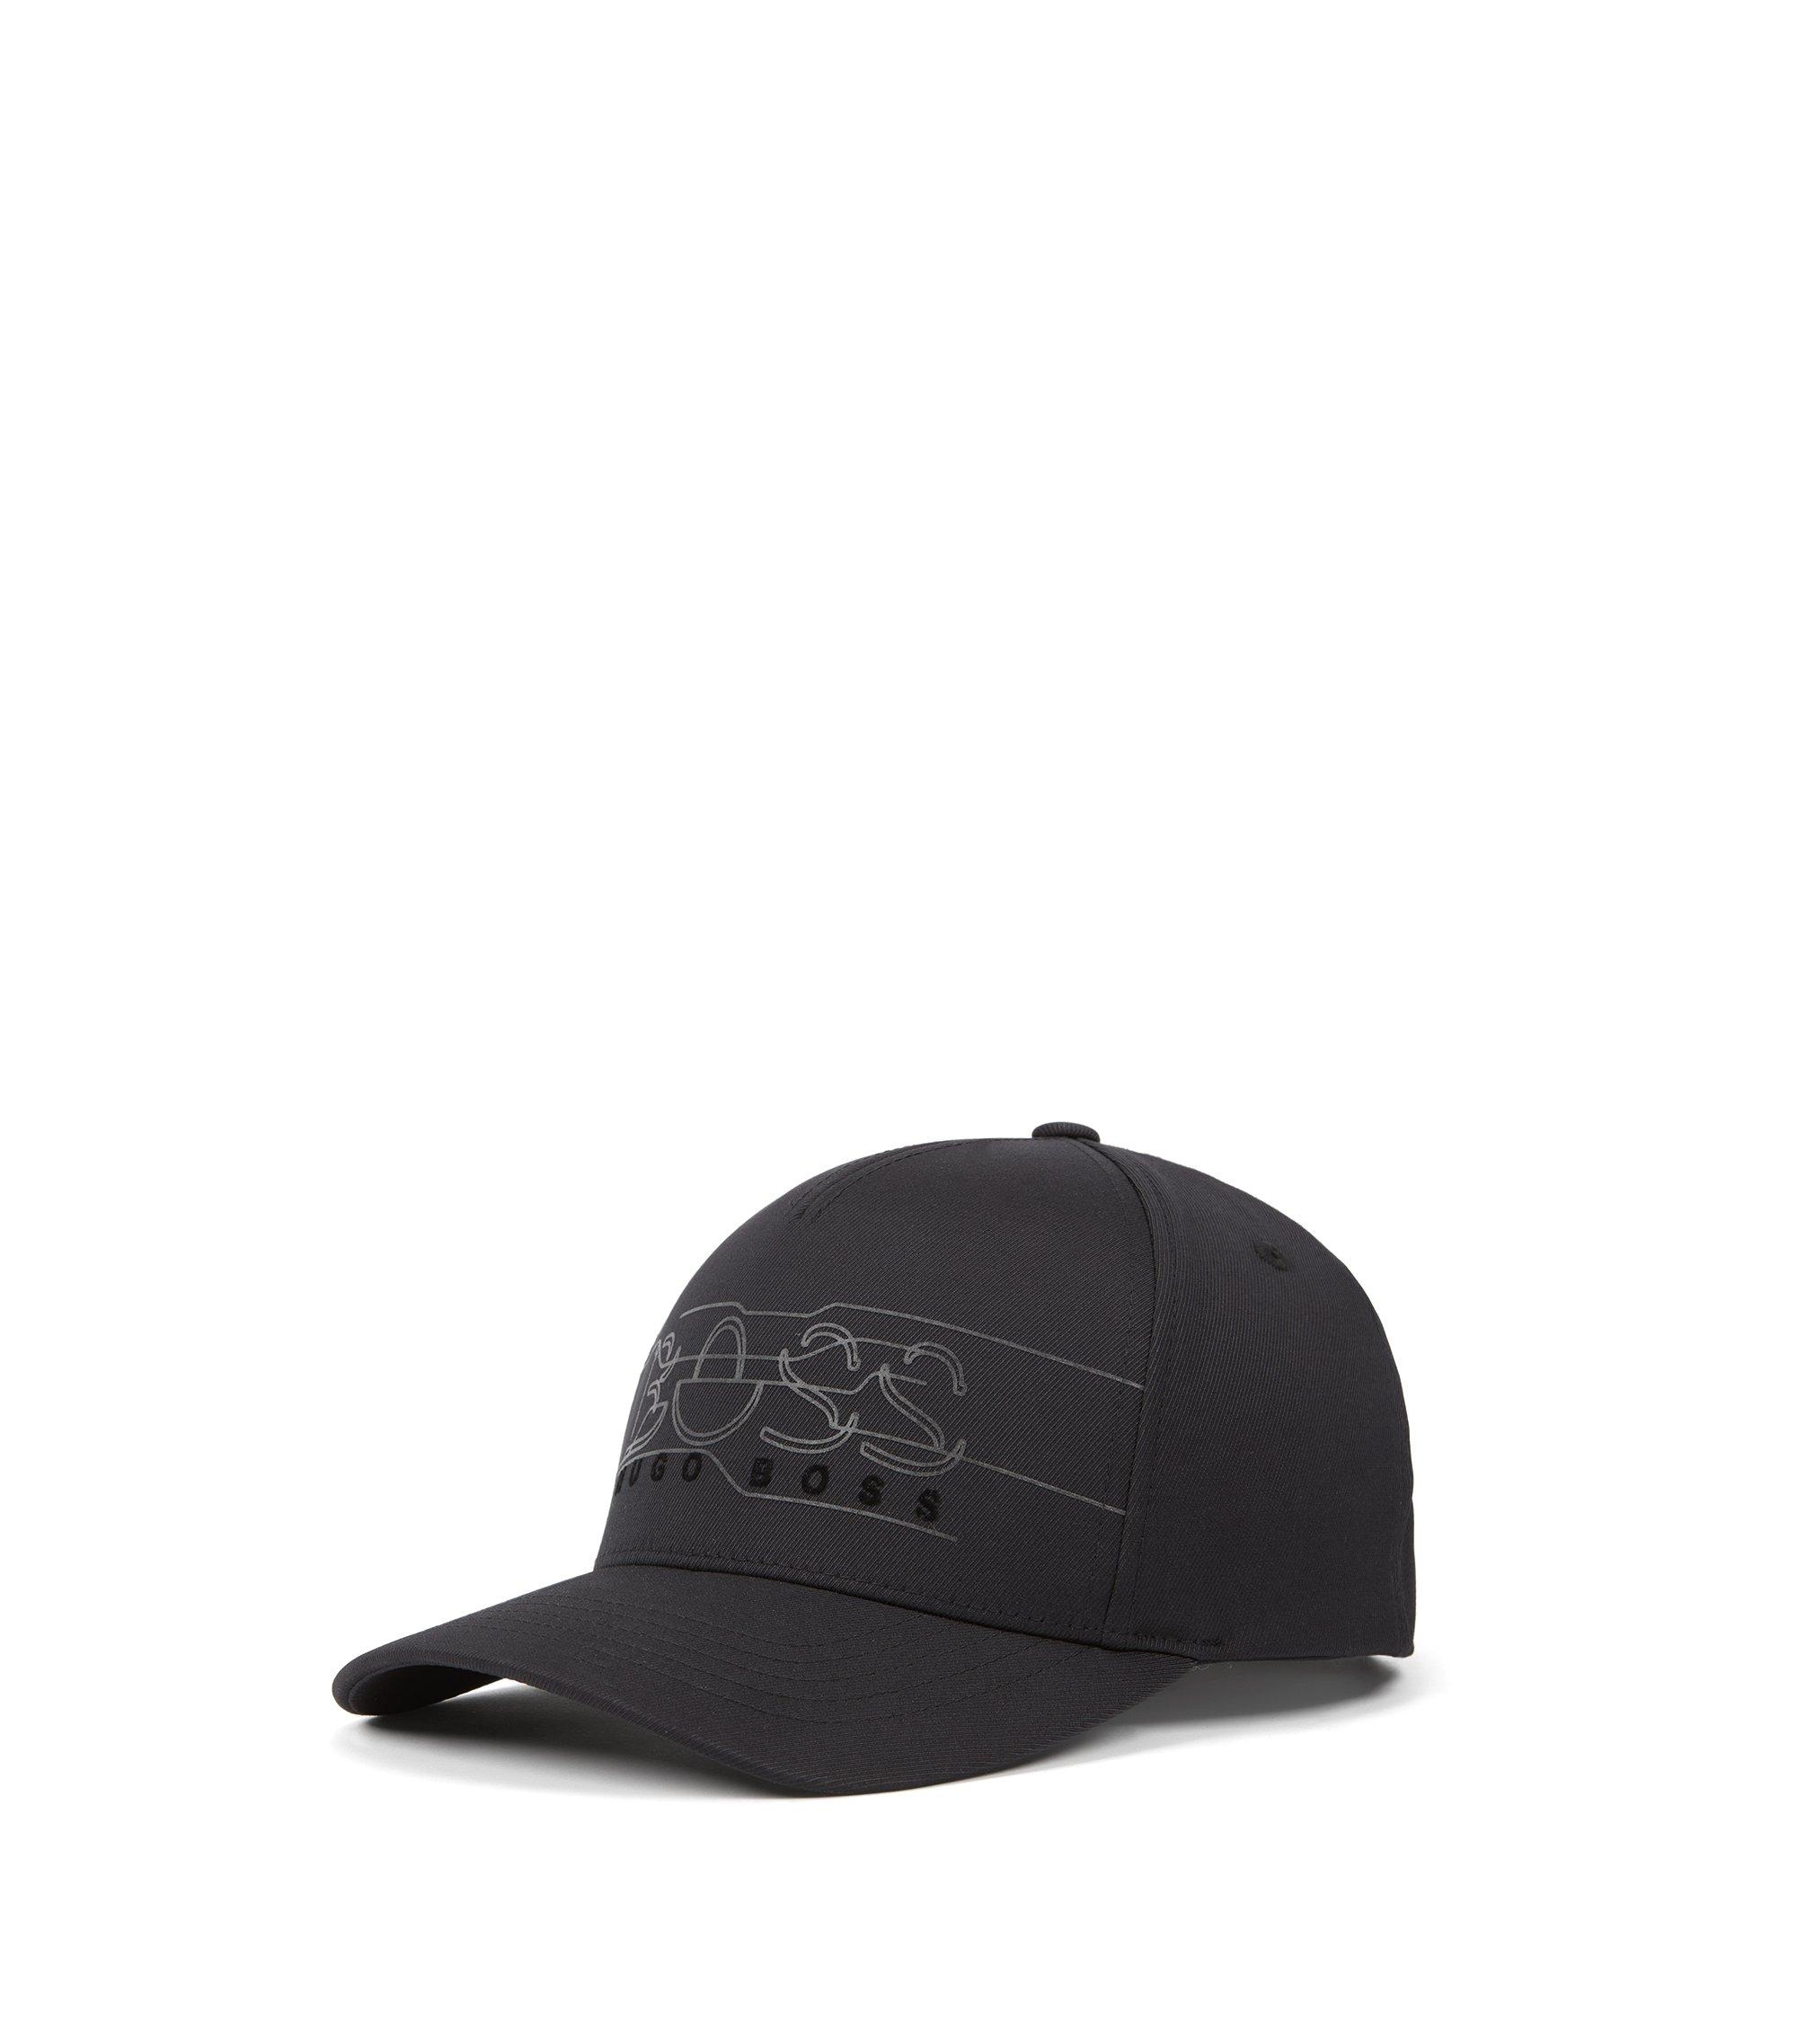 Cappellino in twill doppio con logo stampato riflettente, Nero